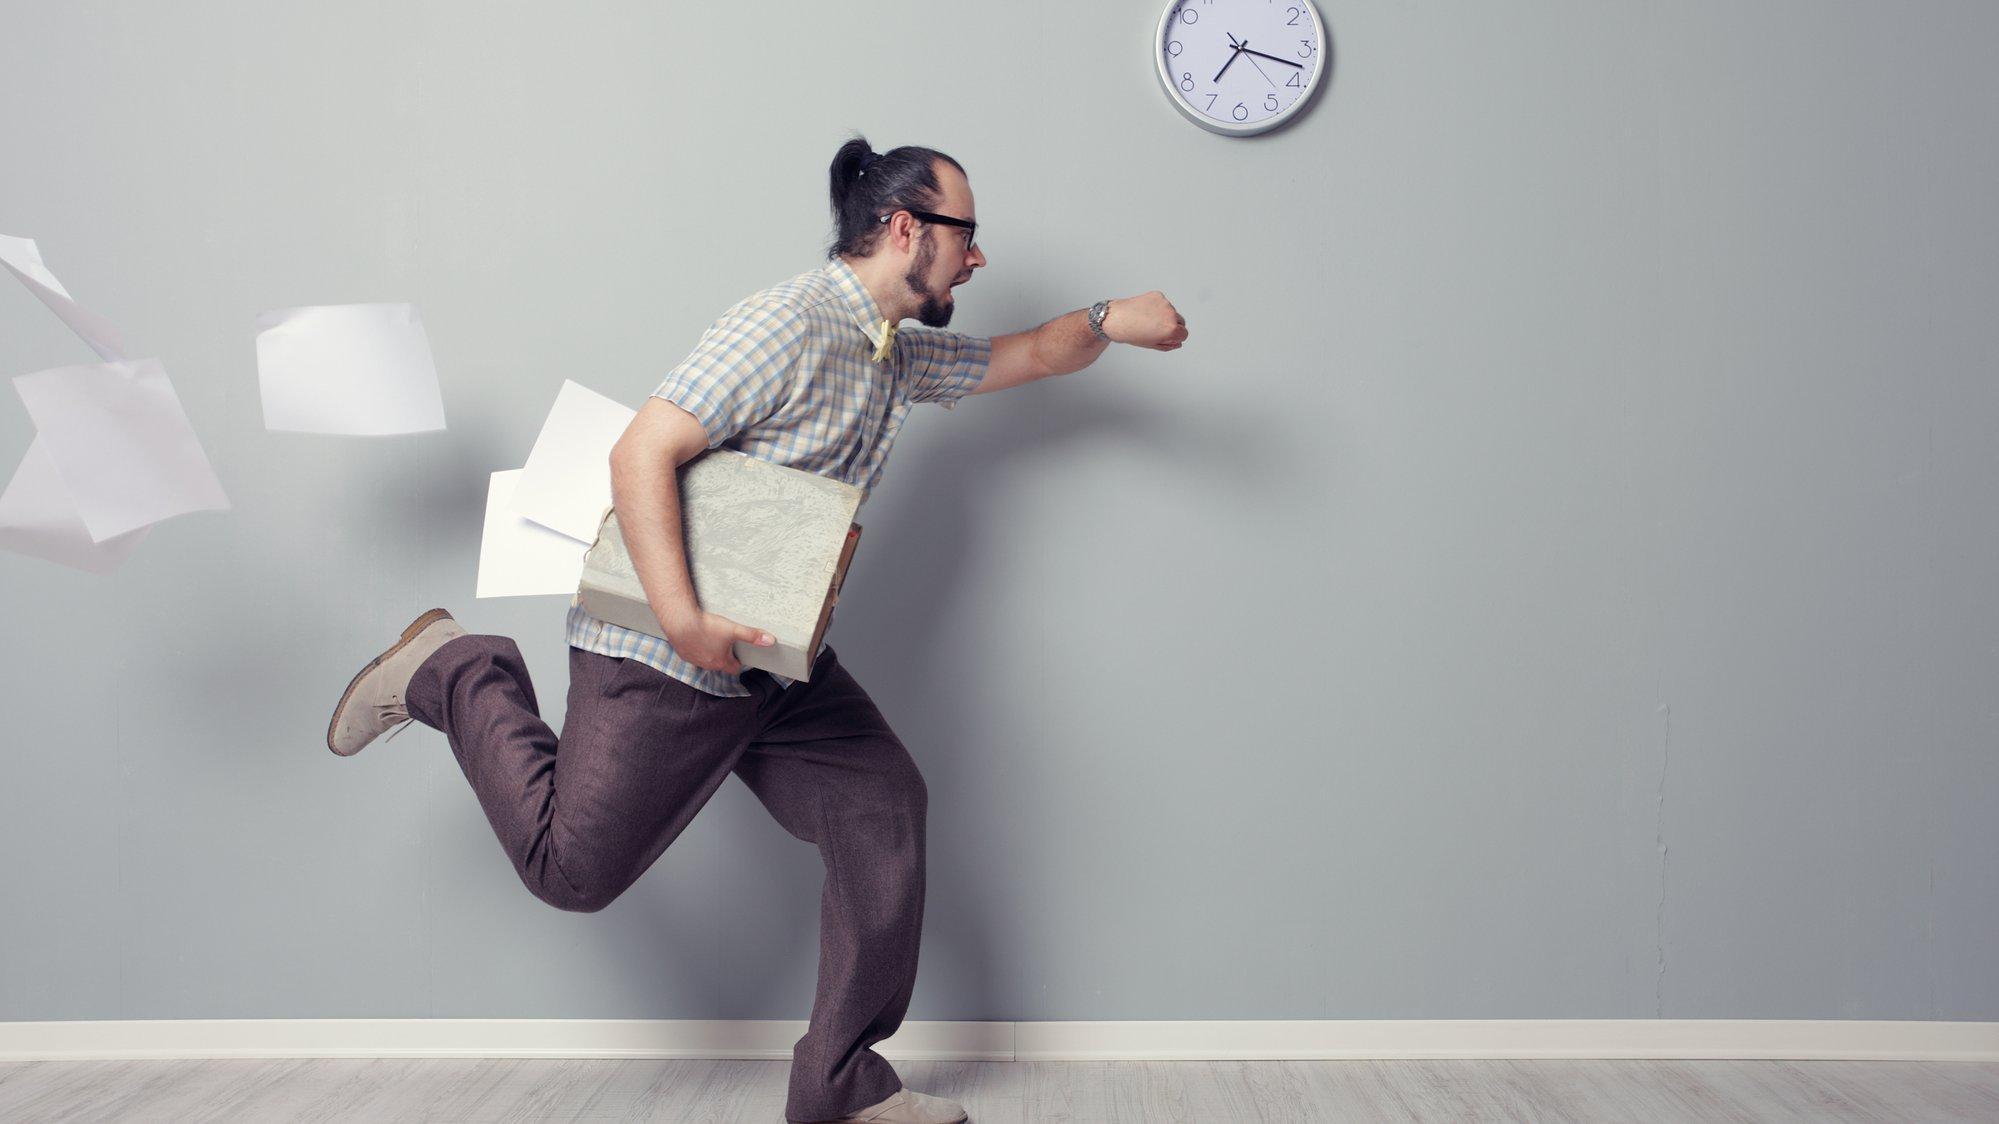 Ein Mann läuft, verliert dabei Arbeitsmaterialien und schaut währenddessen auf die Uhr.